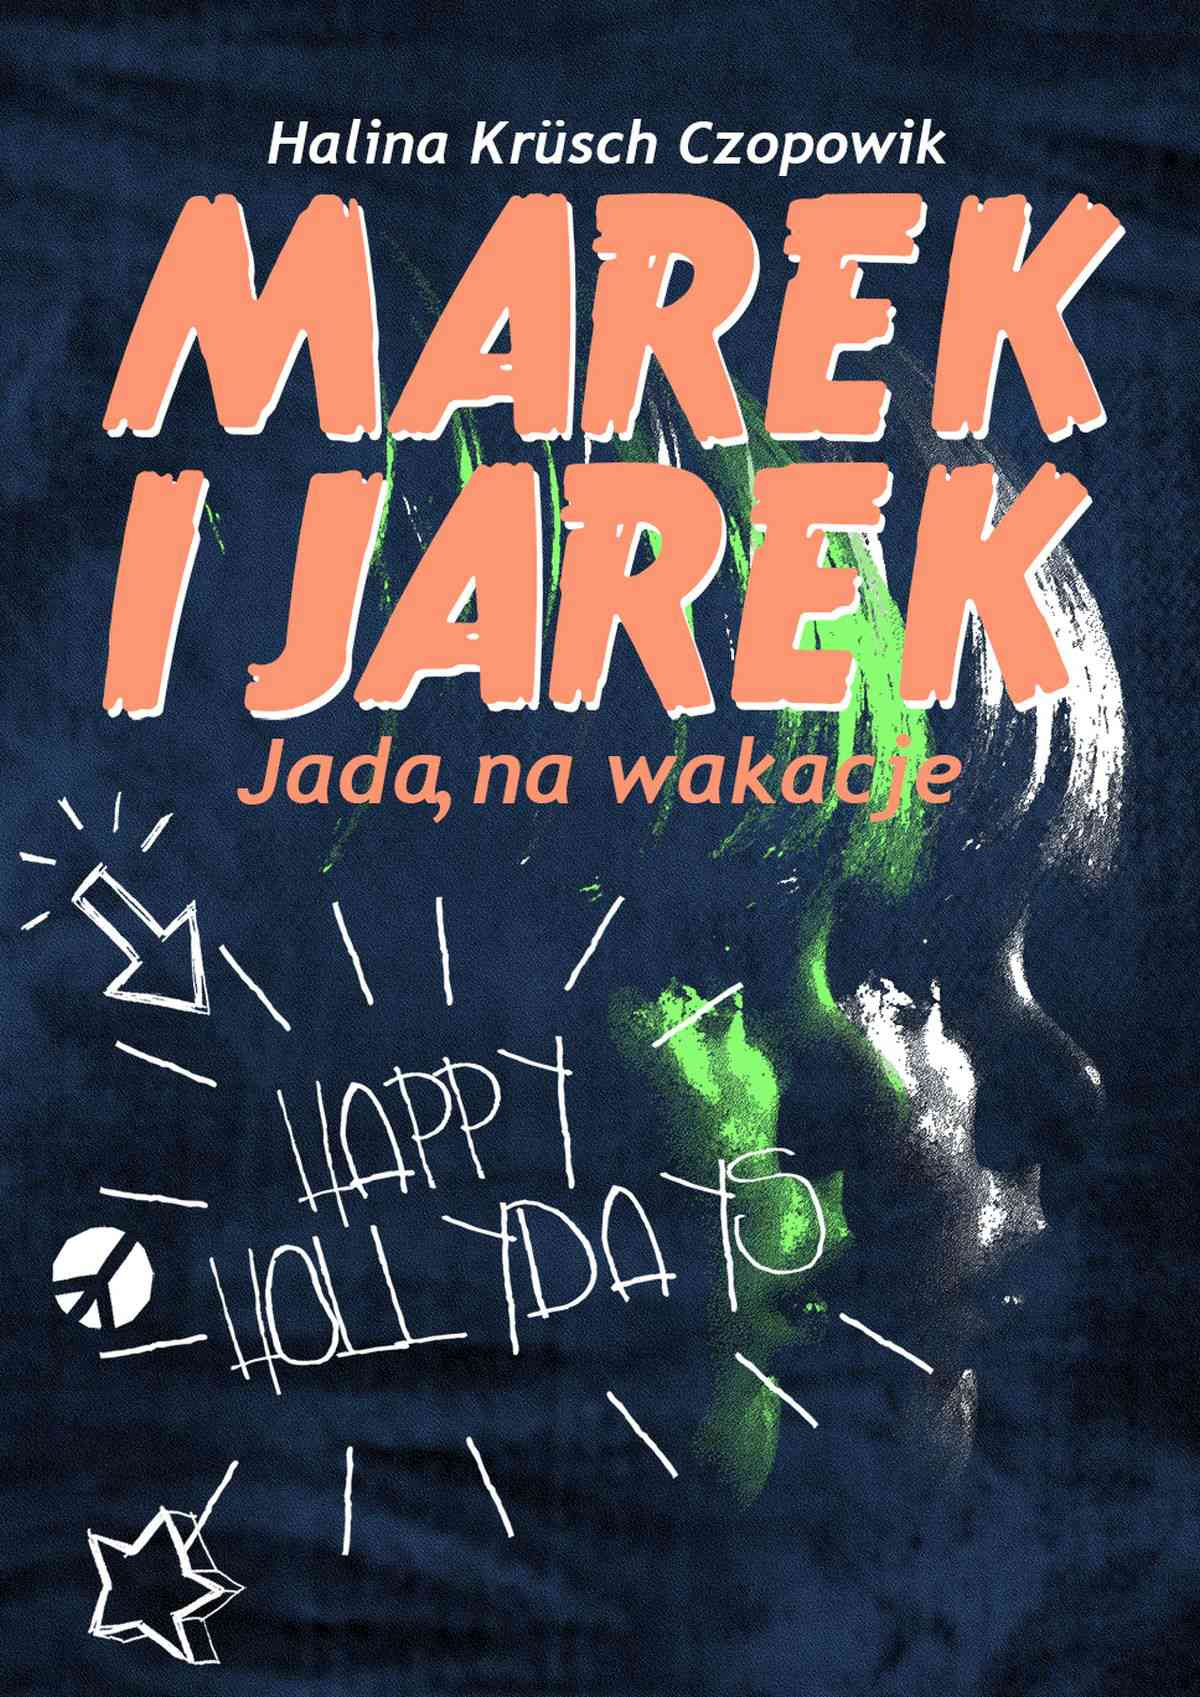 Marek i Jarek jadą na wakacje - Ebook (Książka PDF) do pobrania w formacie PDF